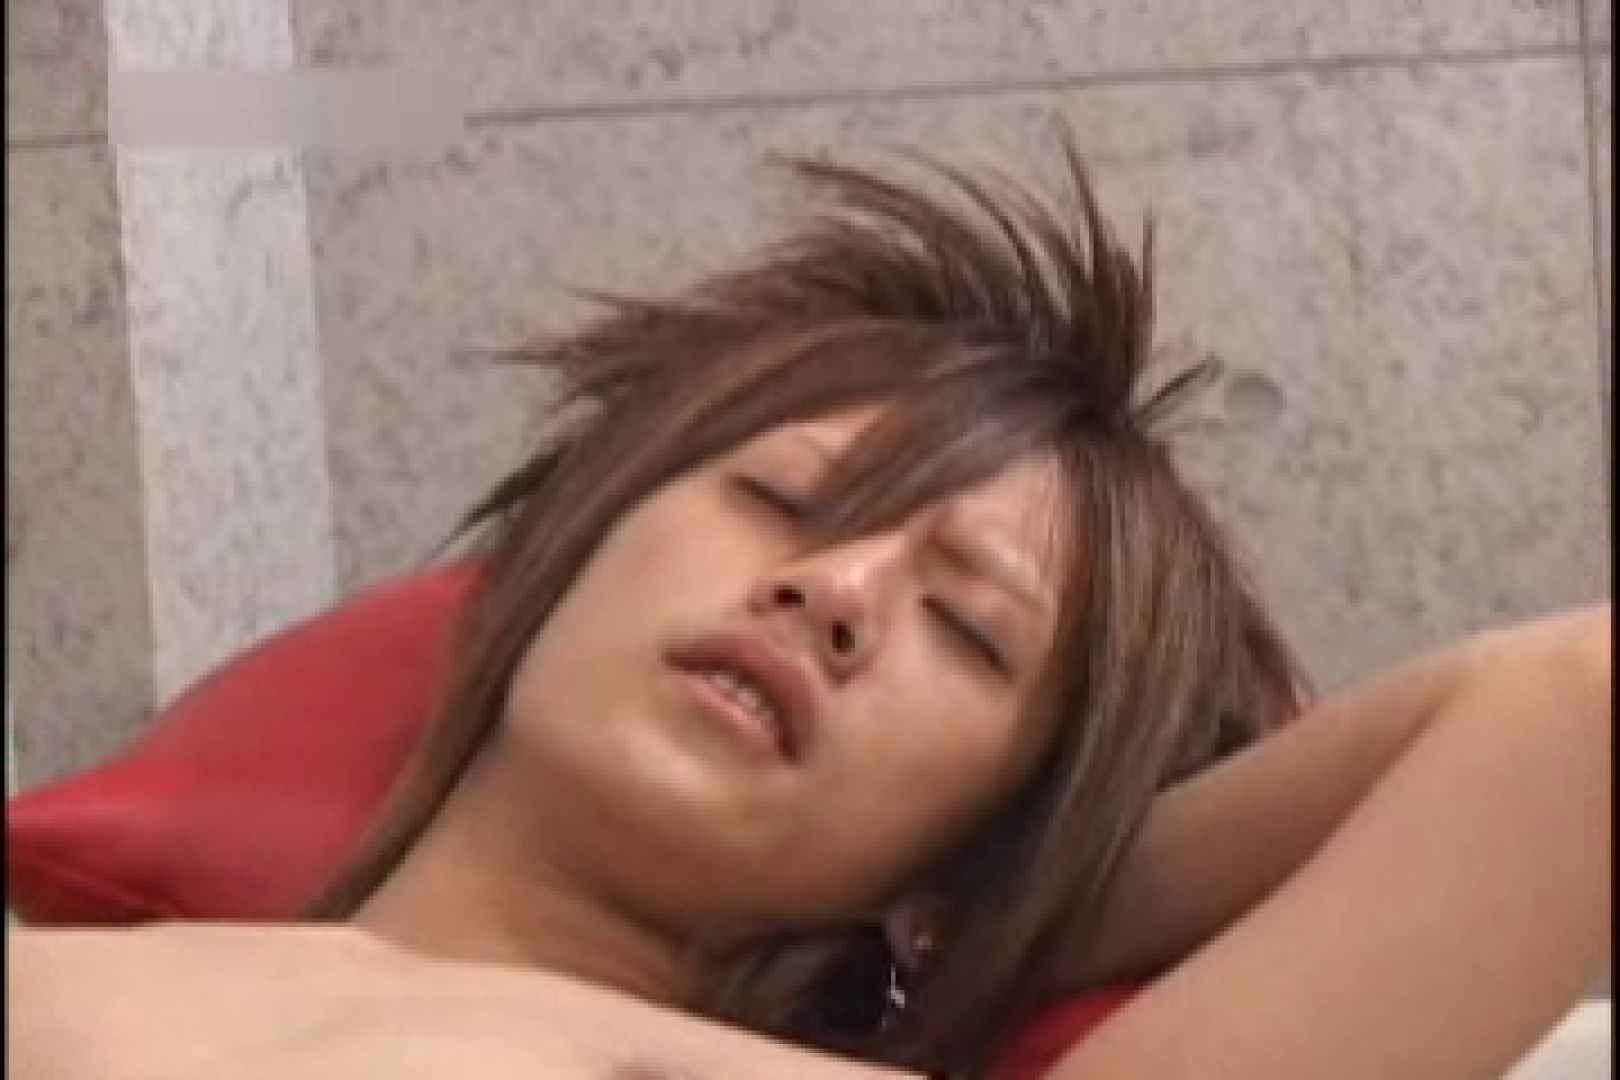 大集合!!カッコ可愛いメンズの一穴入根!! vol.04 アナル舐め ゲイアダルト画像 107pic 96